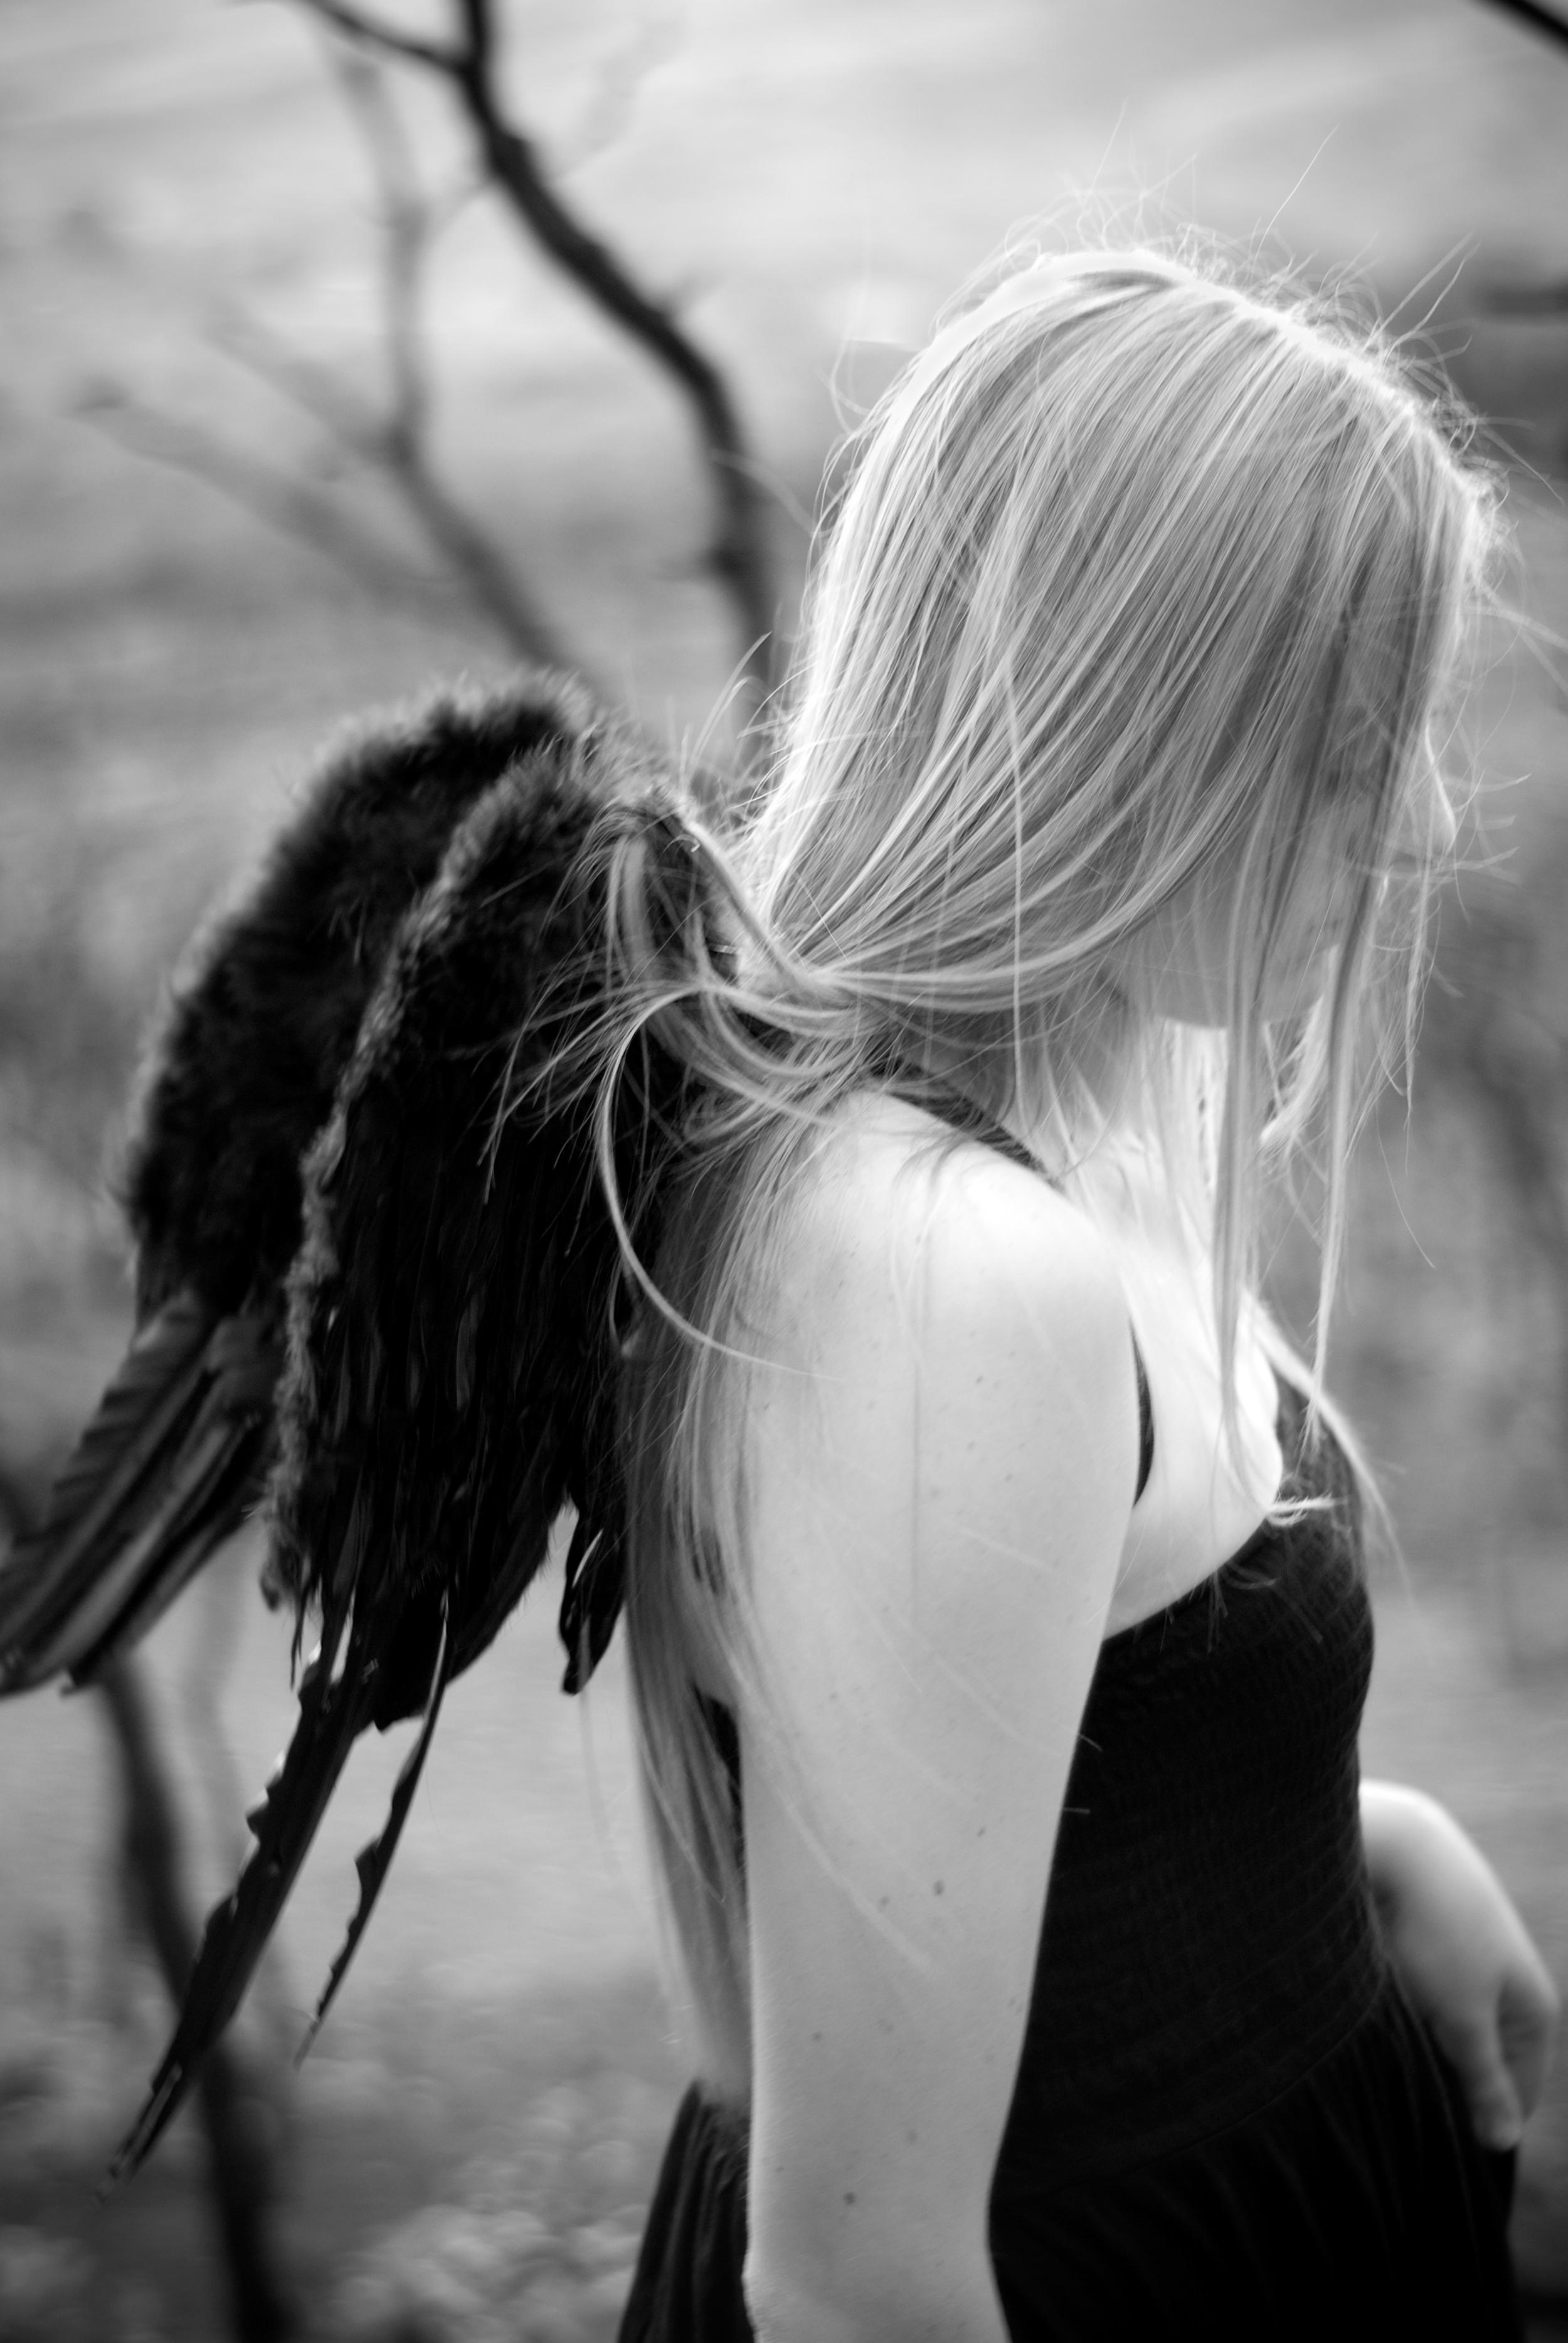 blackwings2.jpg